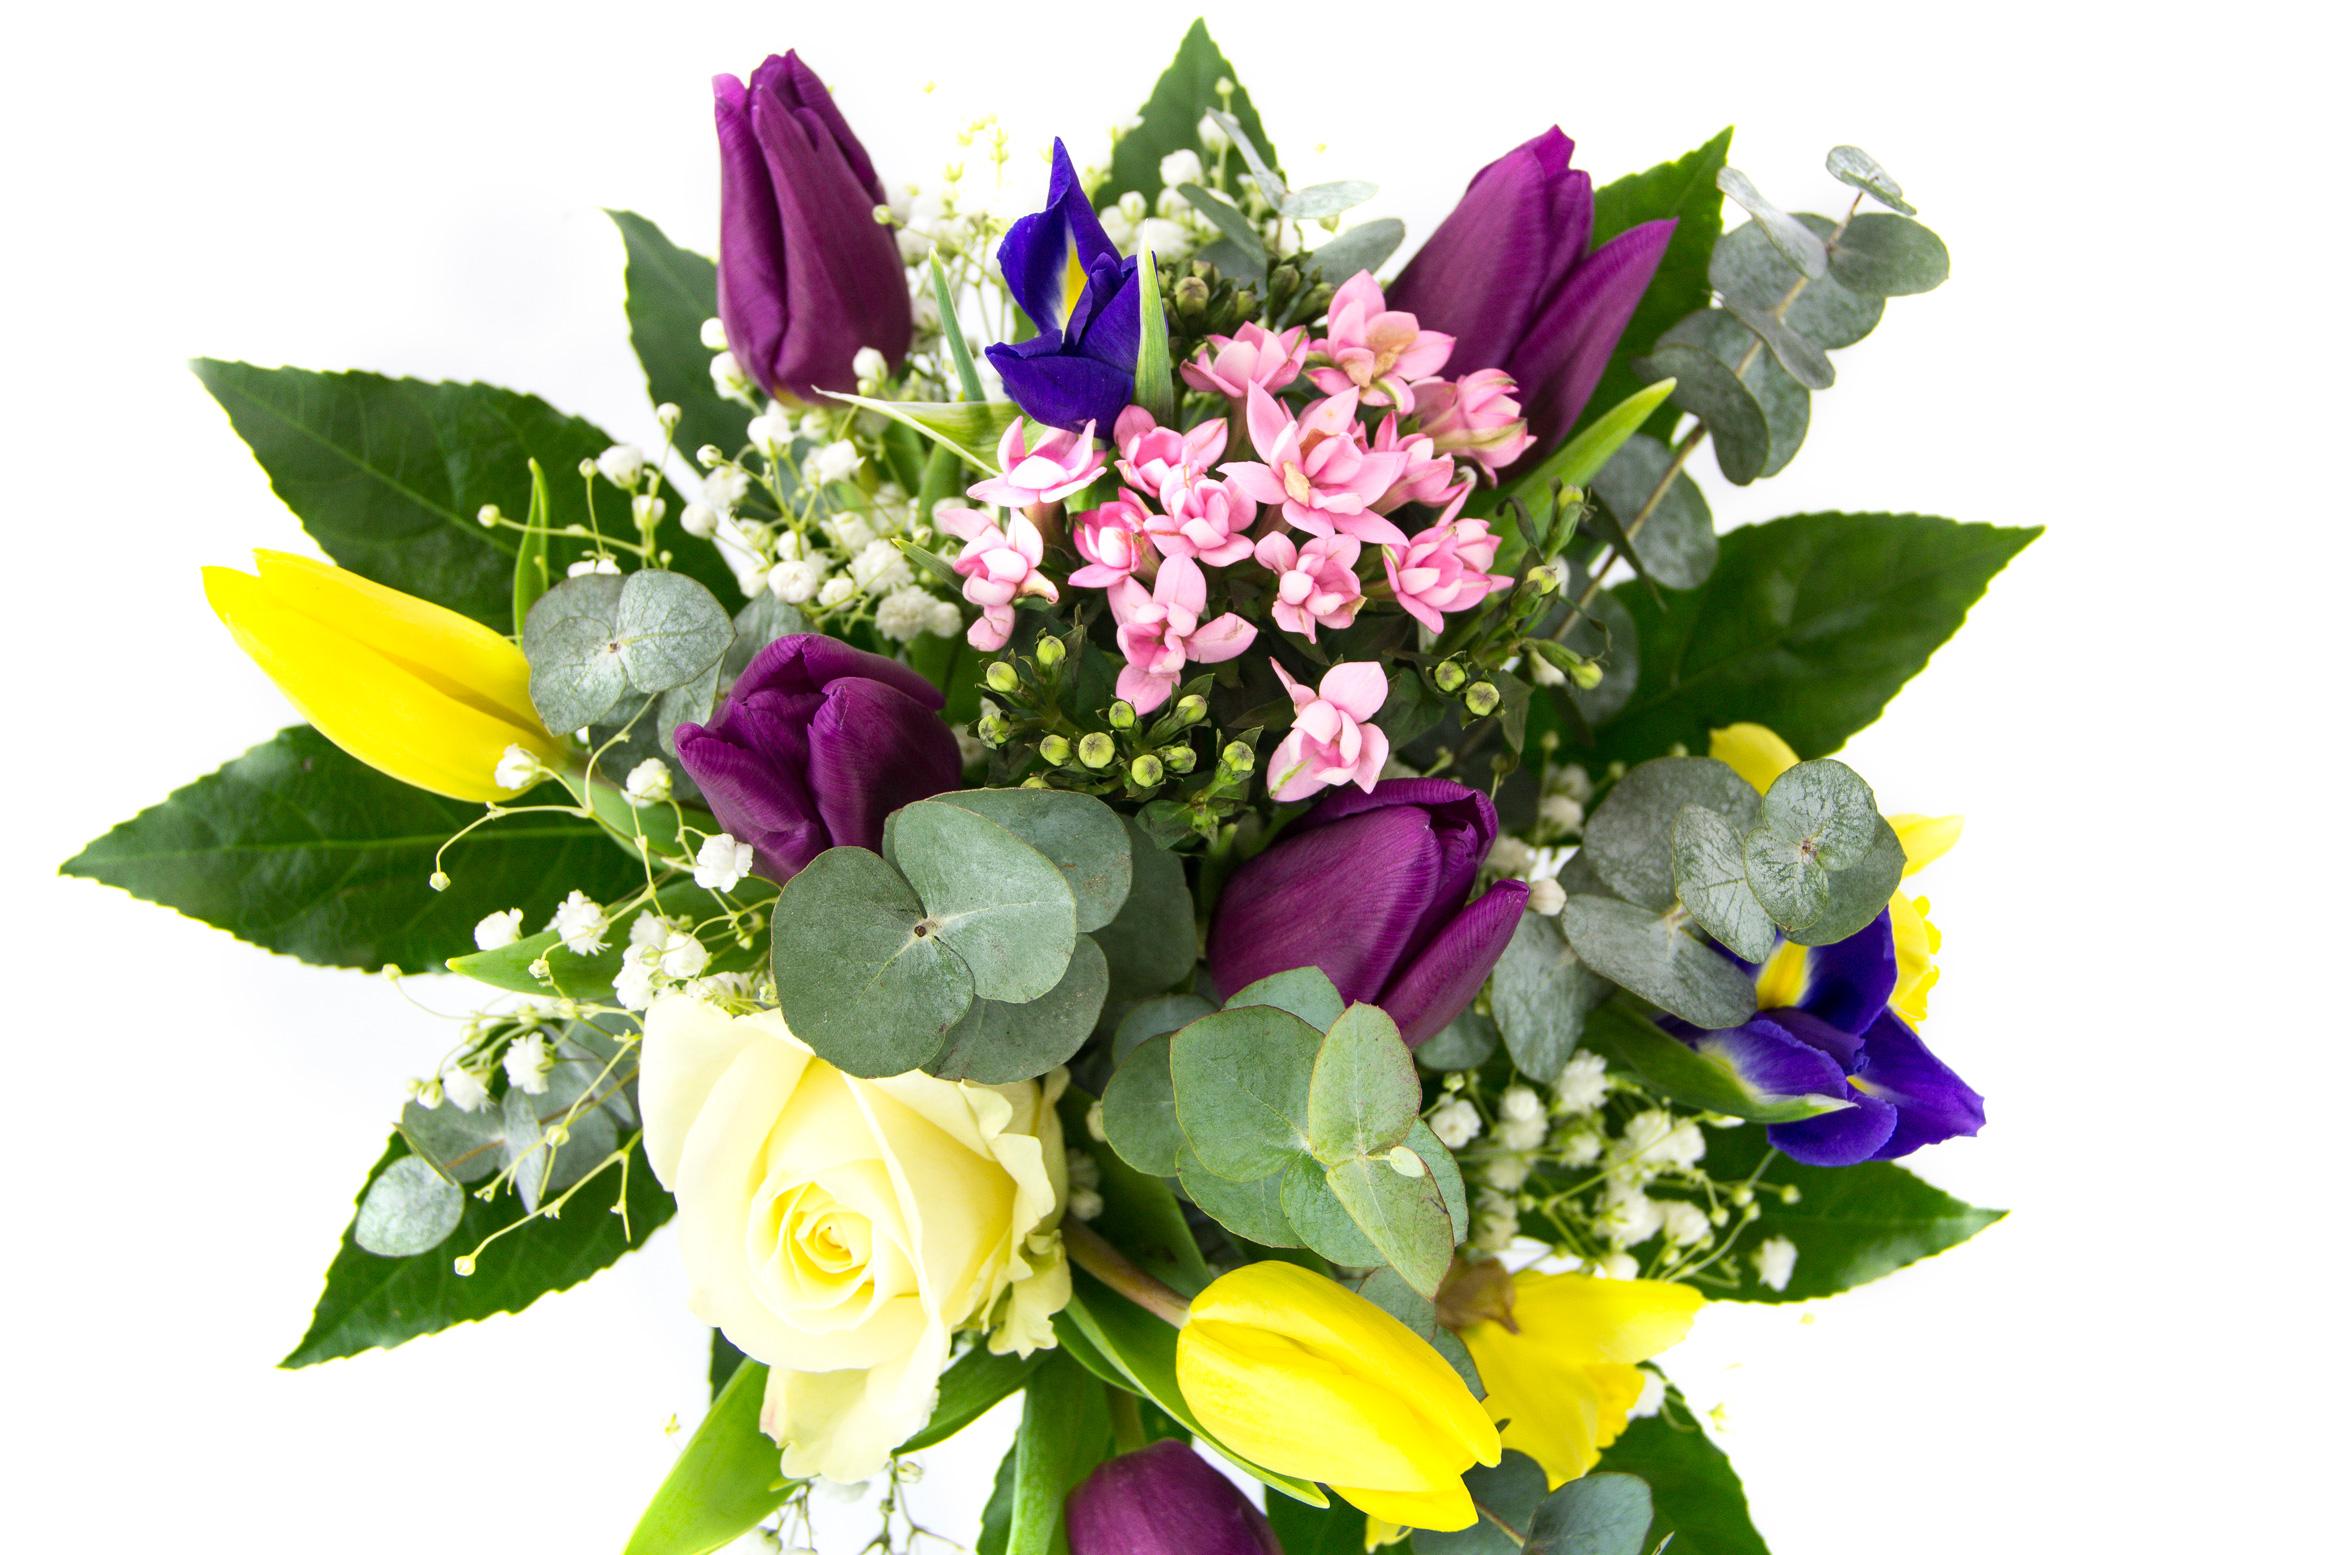 Thanks a bunch springjarcloseupg izmirmasajfo